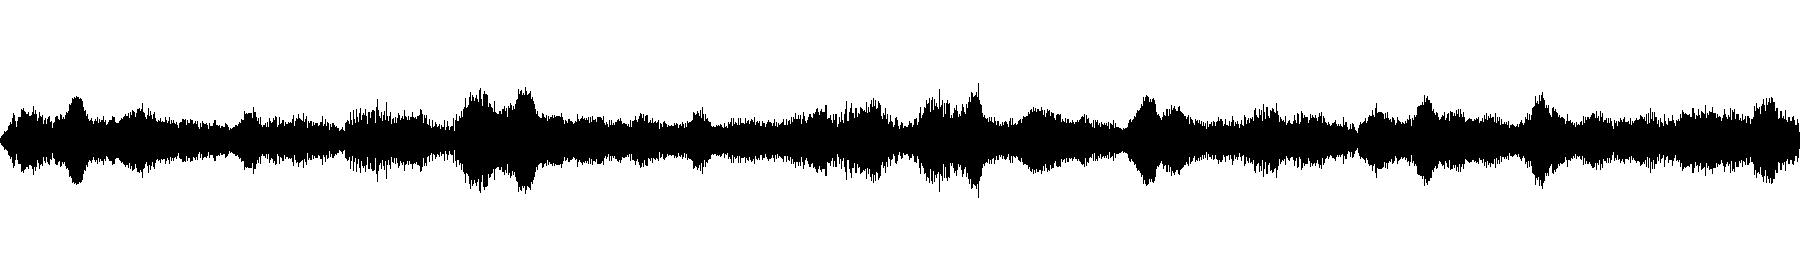 arp 1